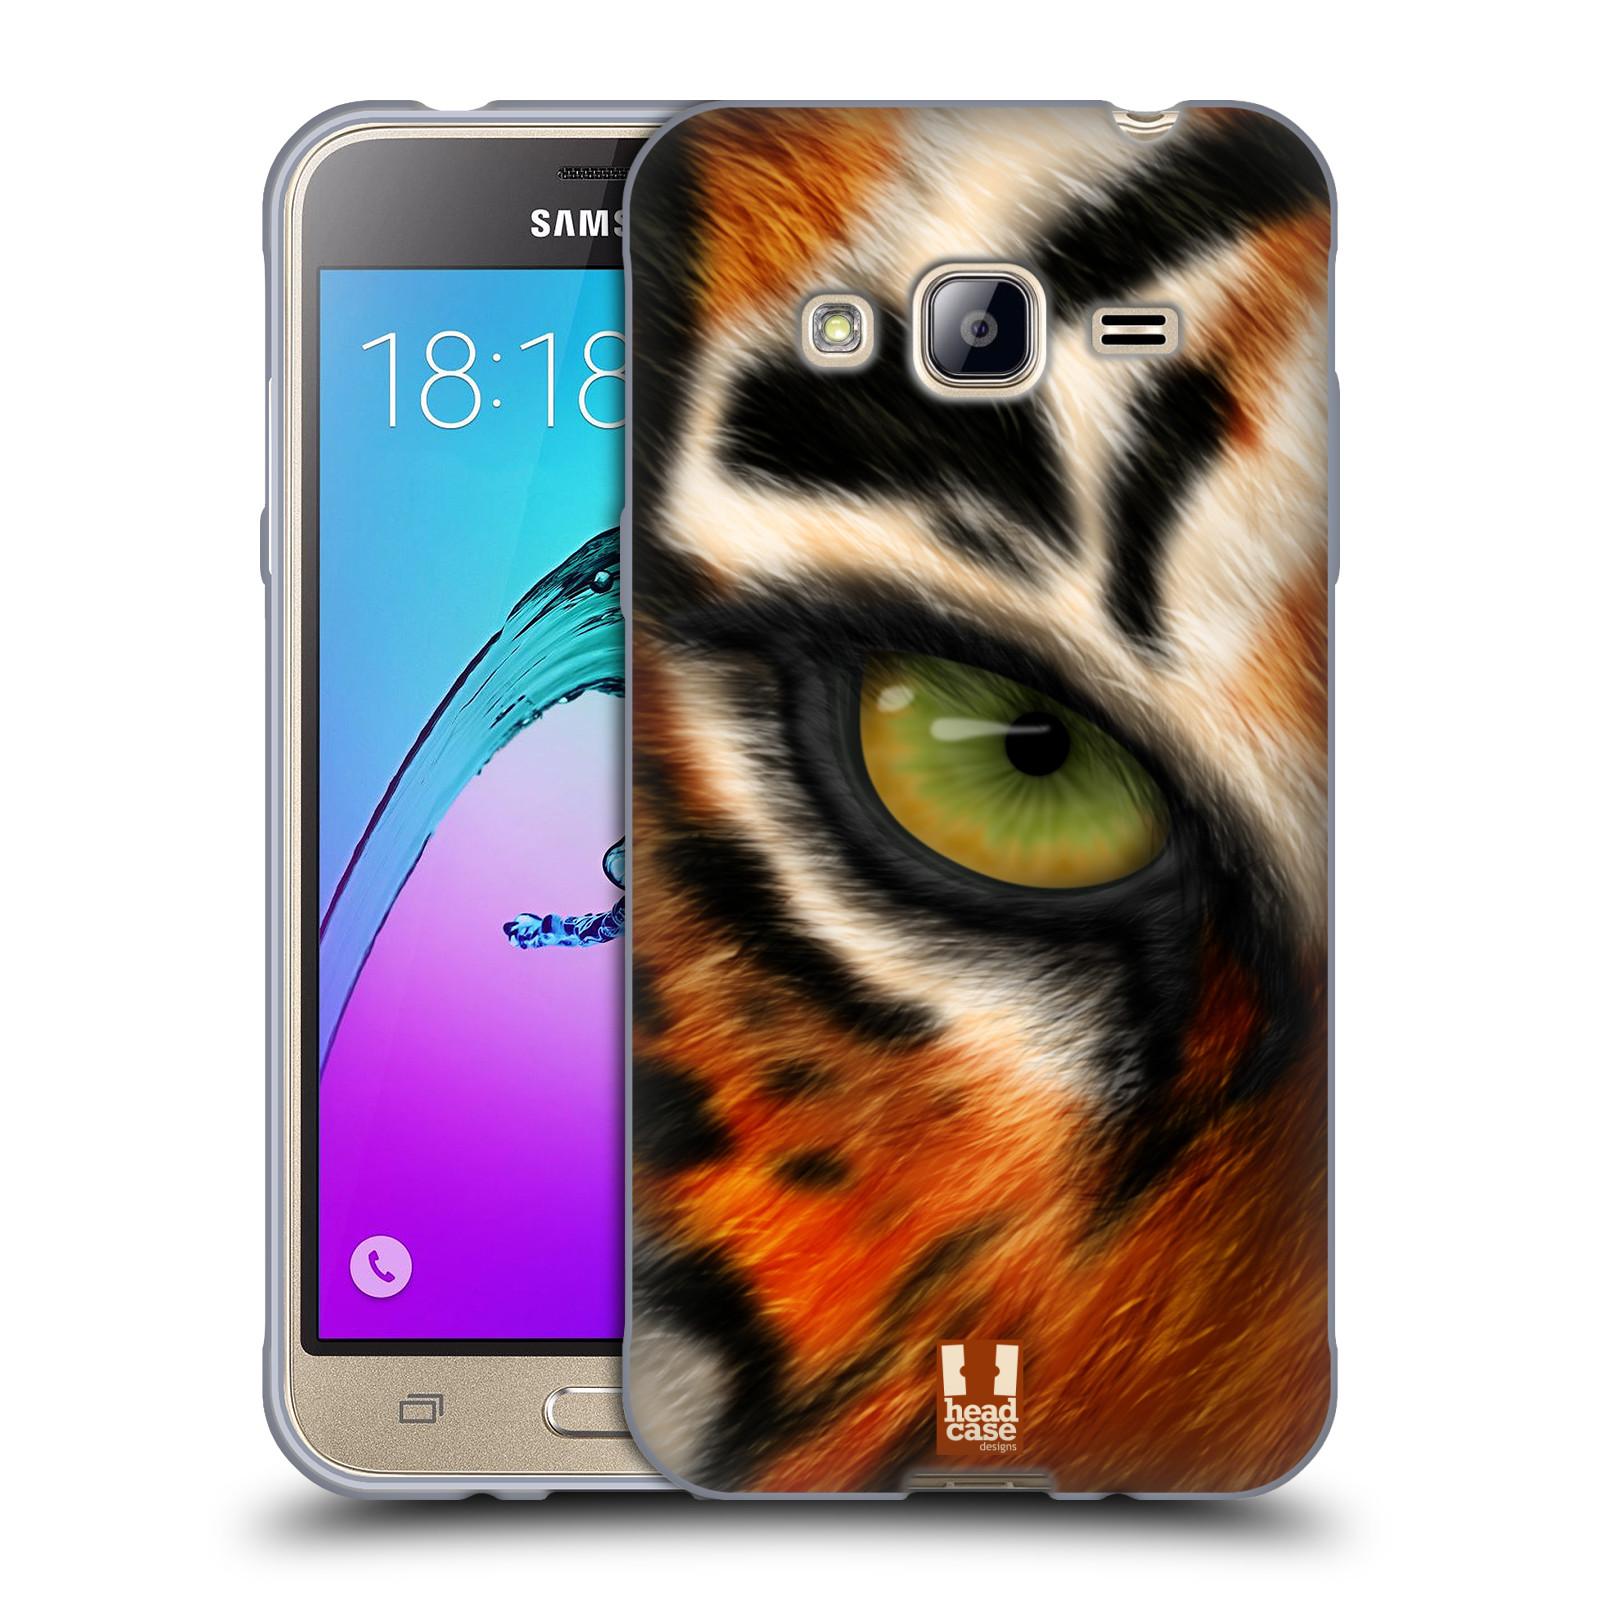 HEAD CASE silikonový obal na mobil Samsung Galaxy J3, J3 2016 vzor pohled zvířete oko tygr